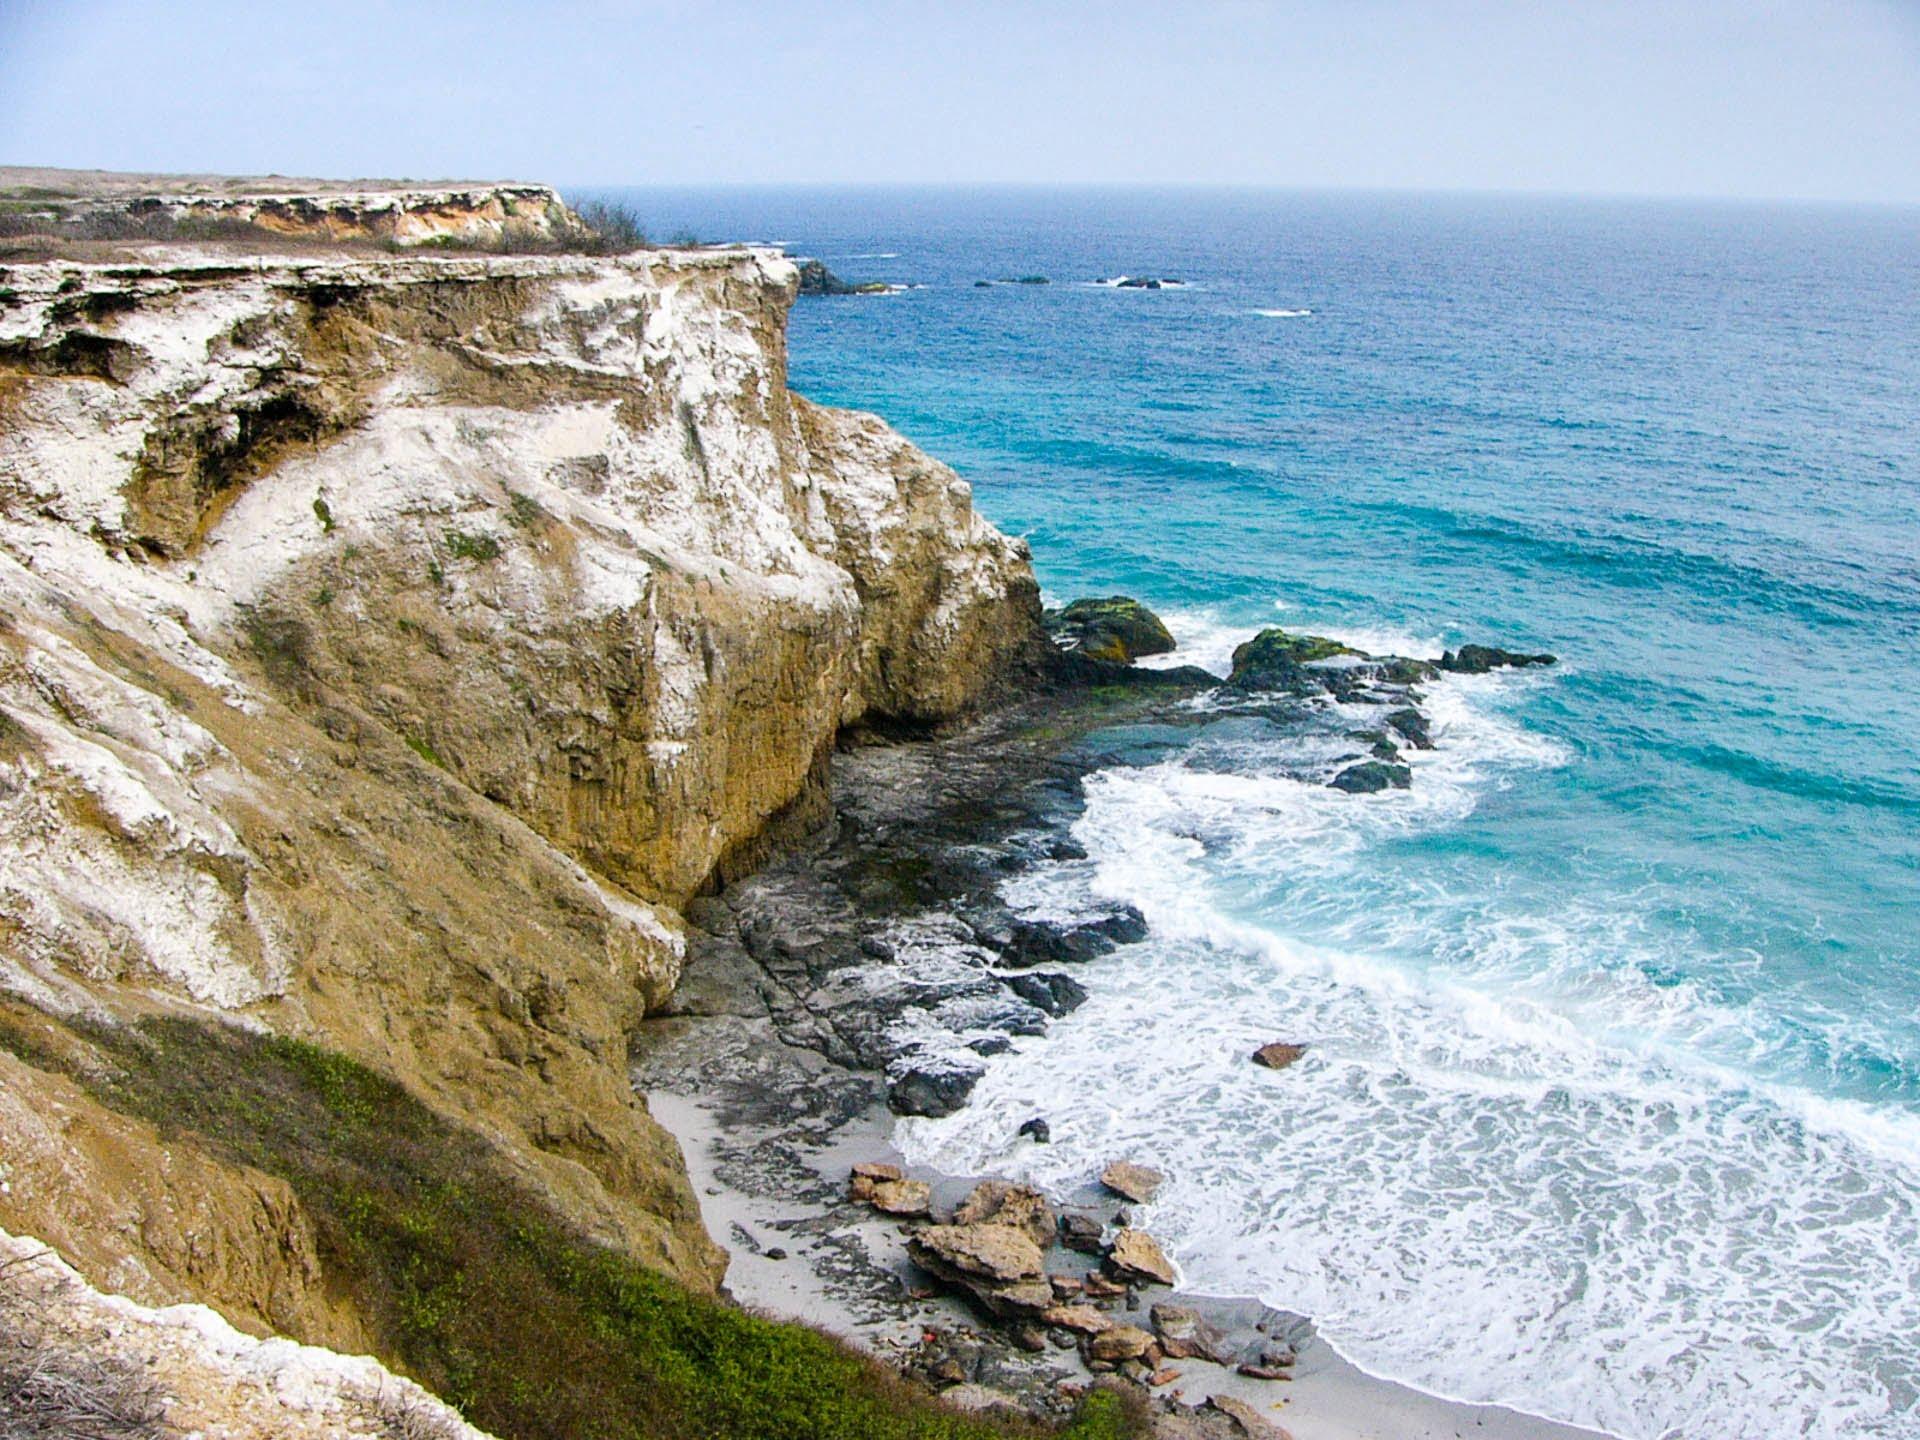 Les falaises de l'isla de la plata